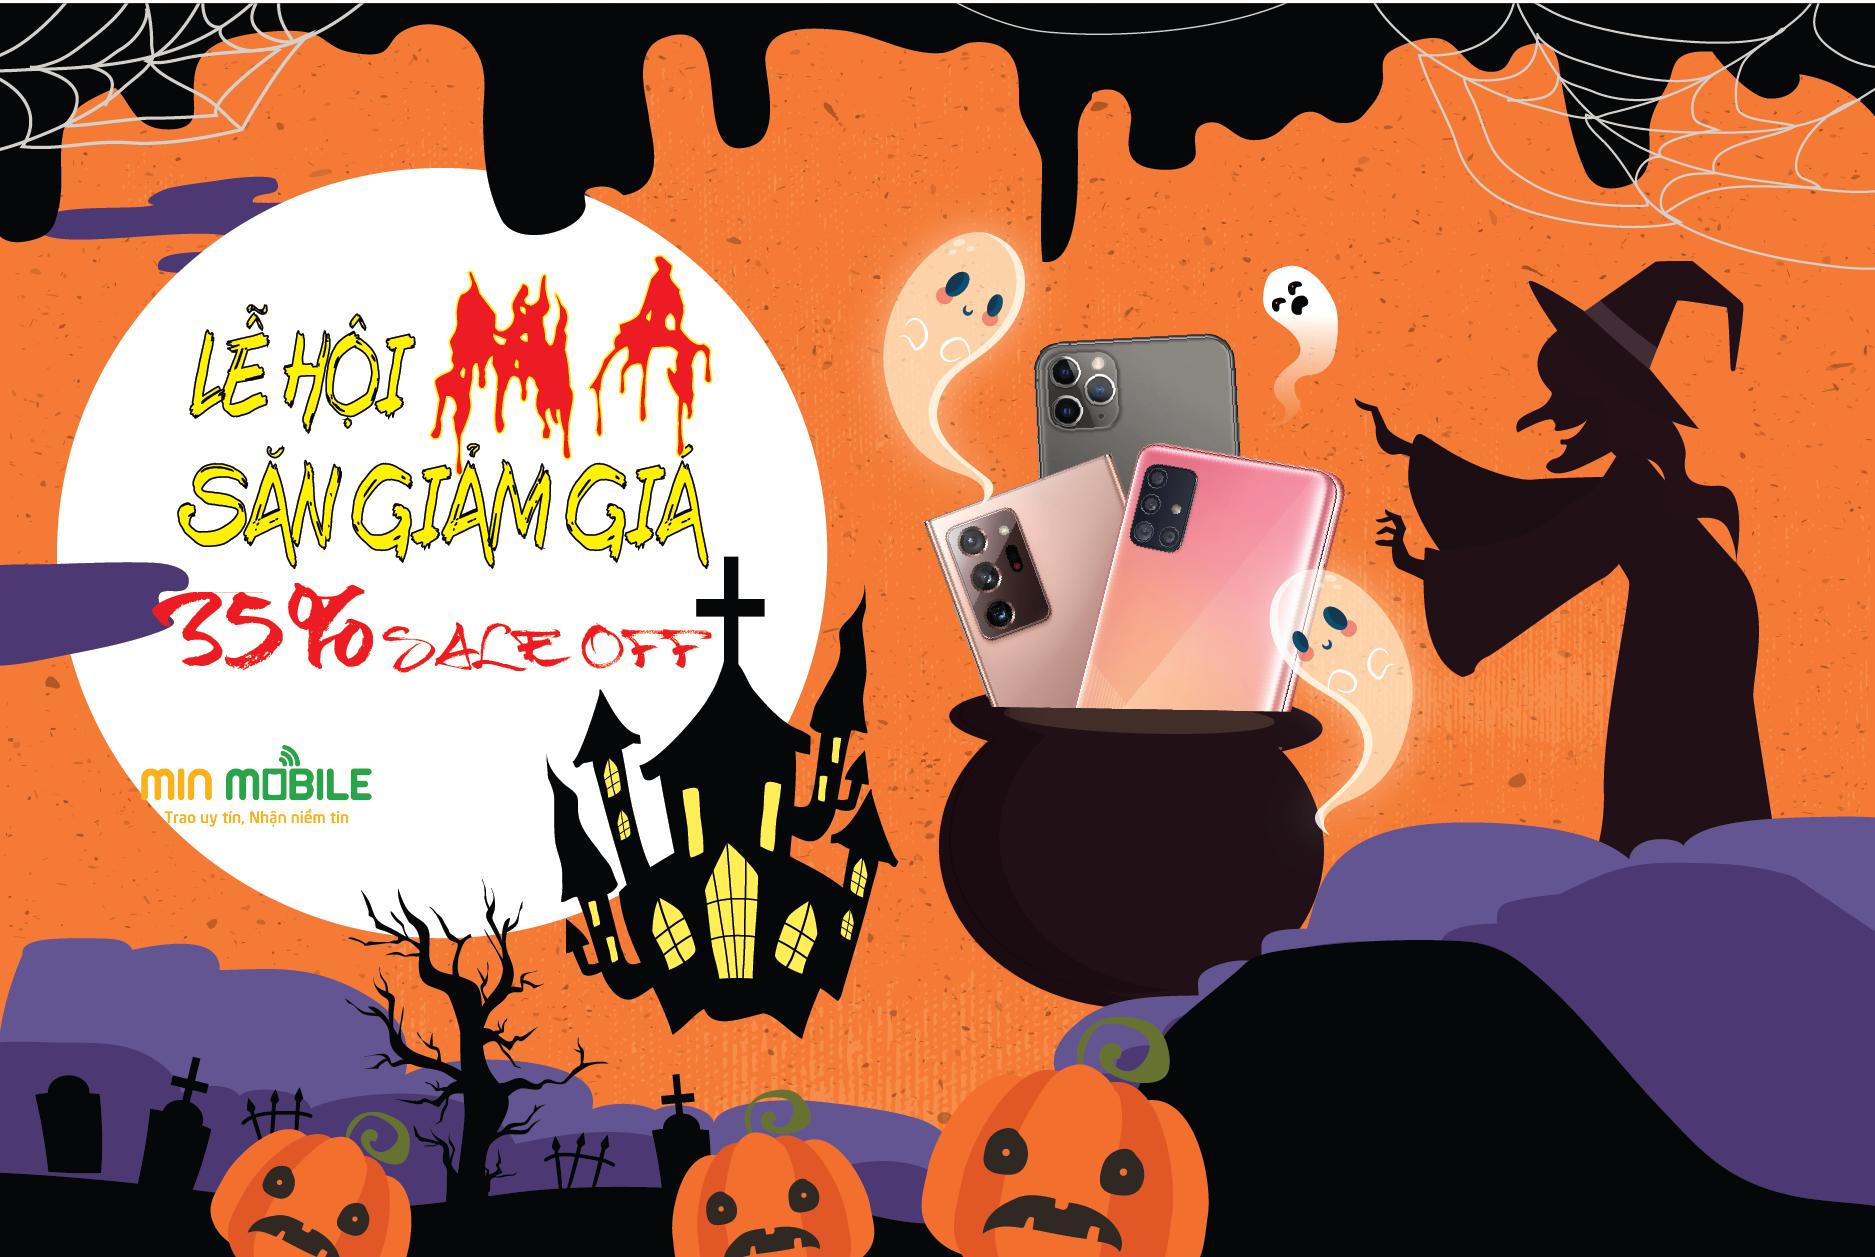 Chương trình lễ hội Halloween giảm giá đến 35%